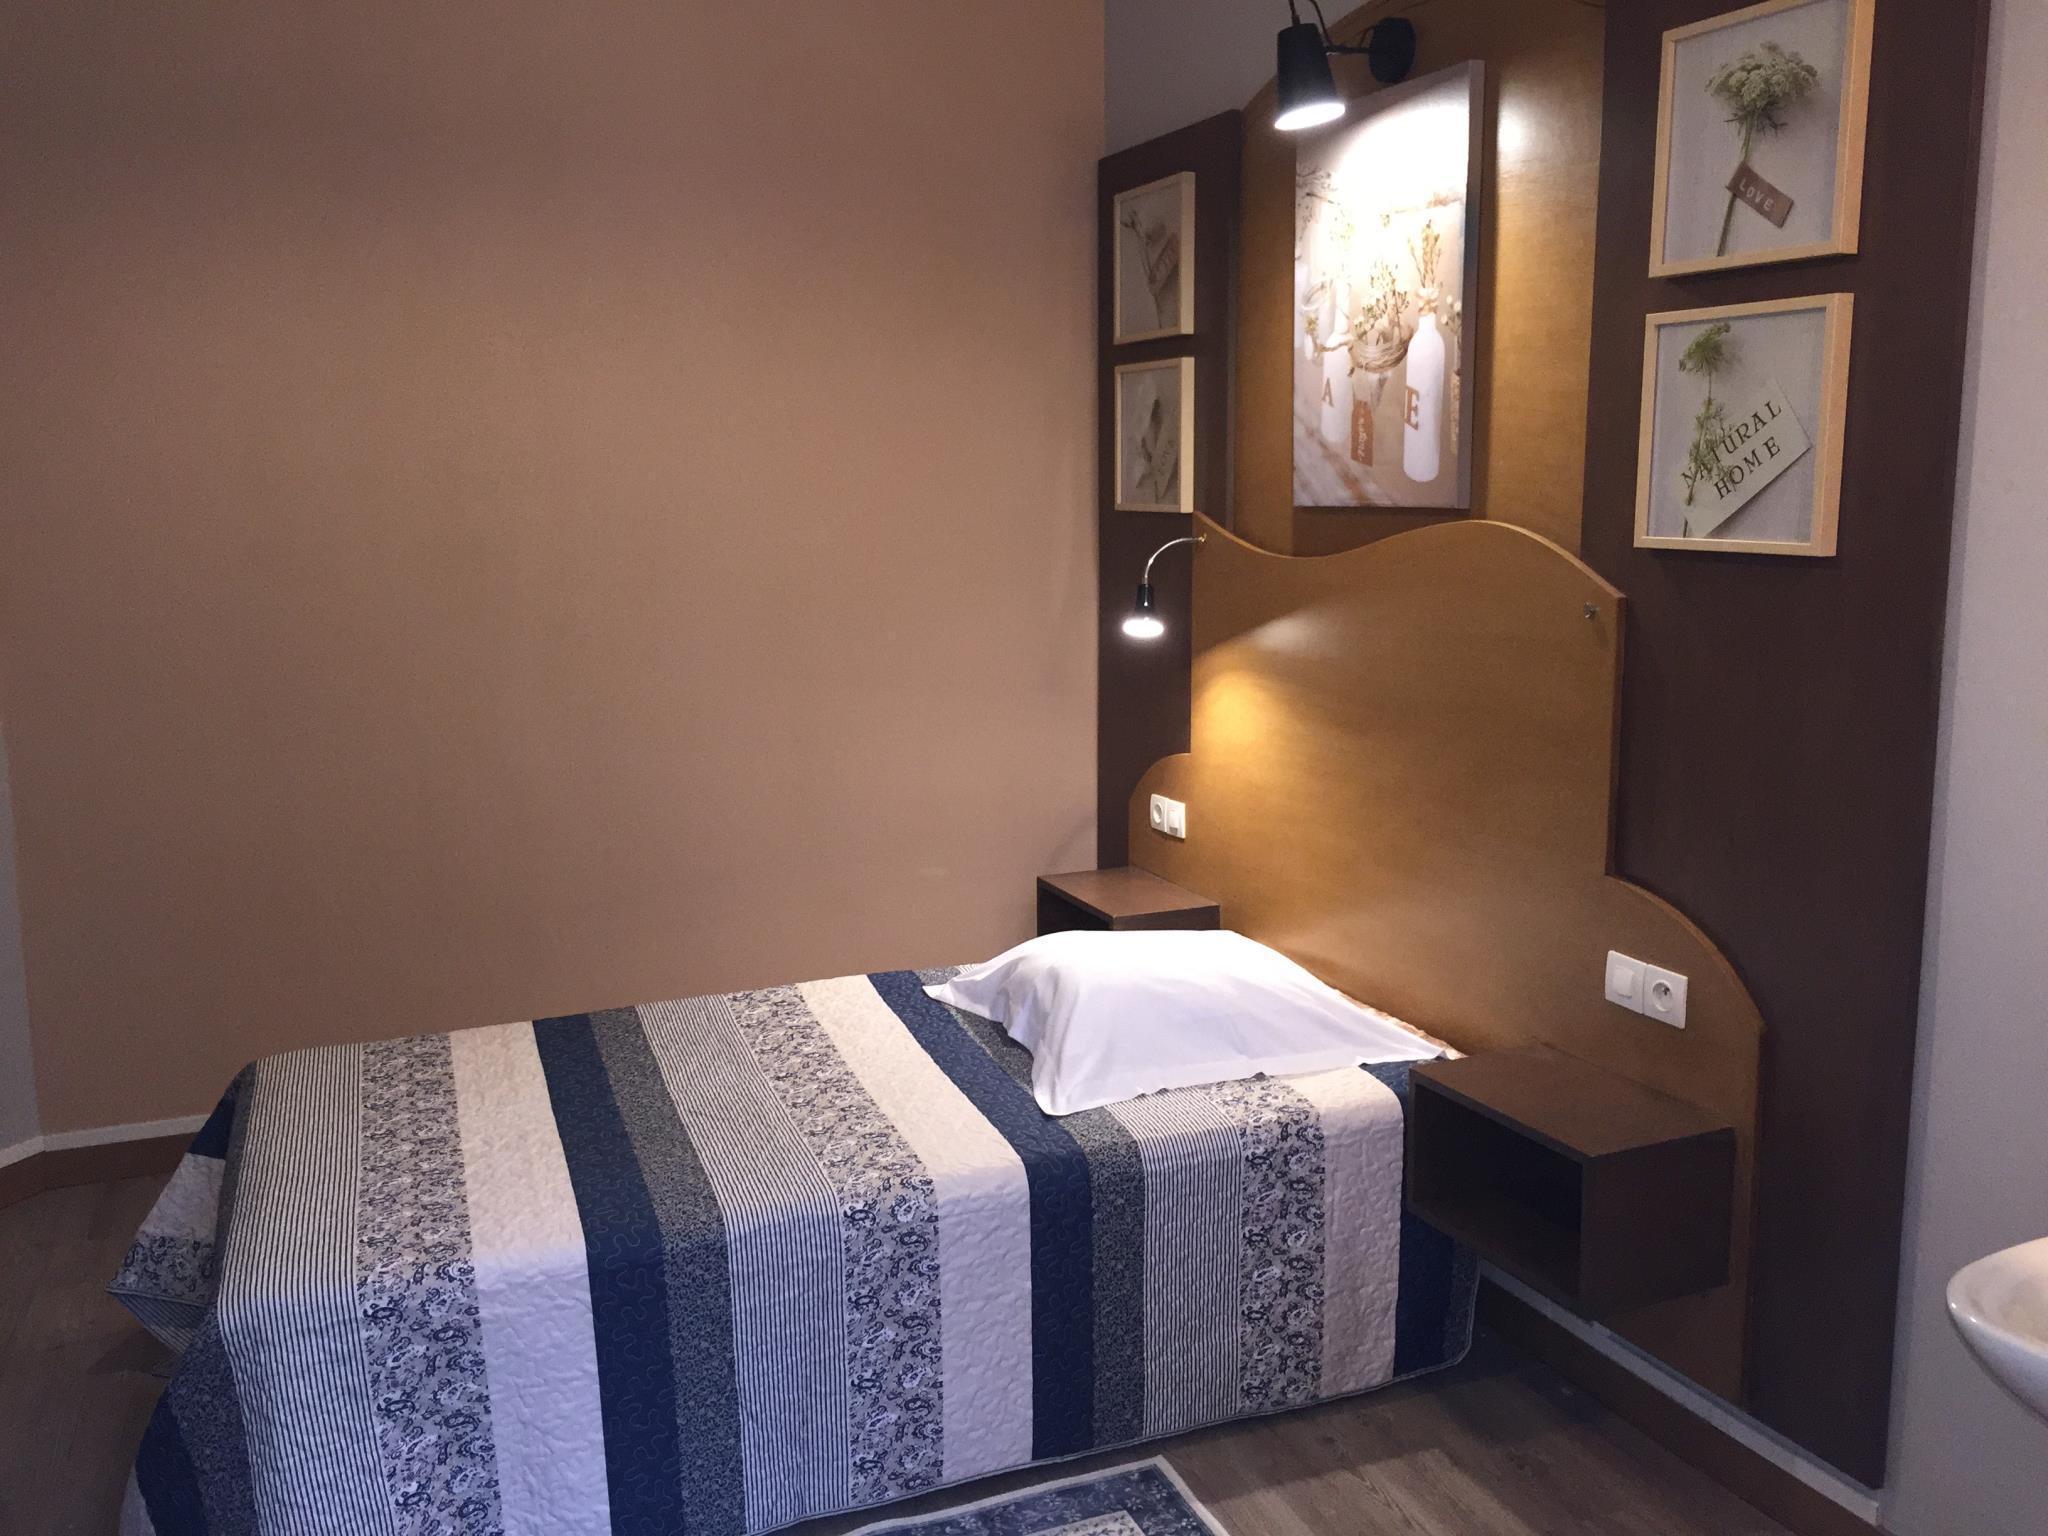 Objectif Zero Dechet Salle De Bain ~ h tel rachel hotel rachel paris offres sp ciales pour cet h tel